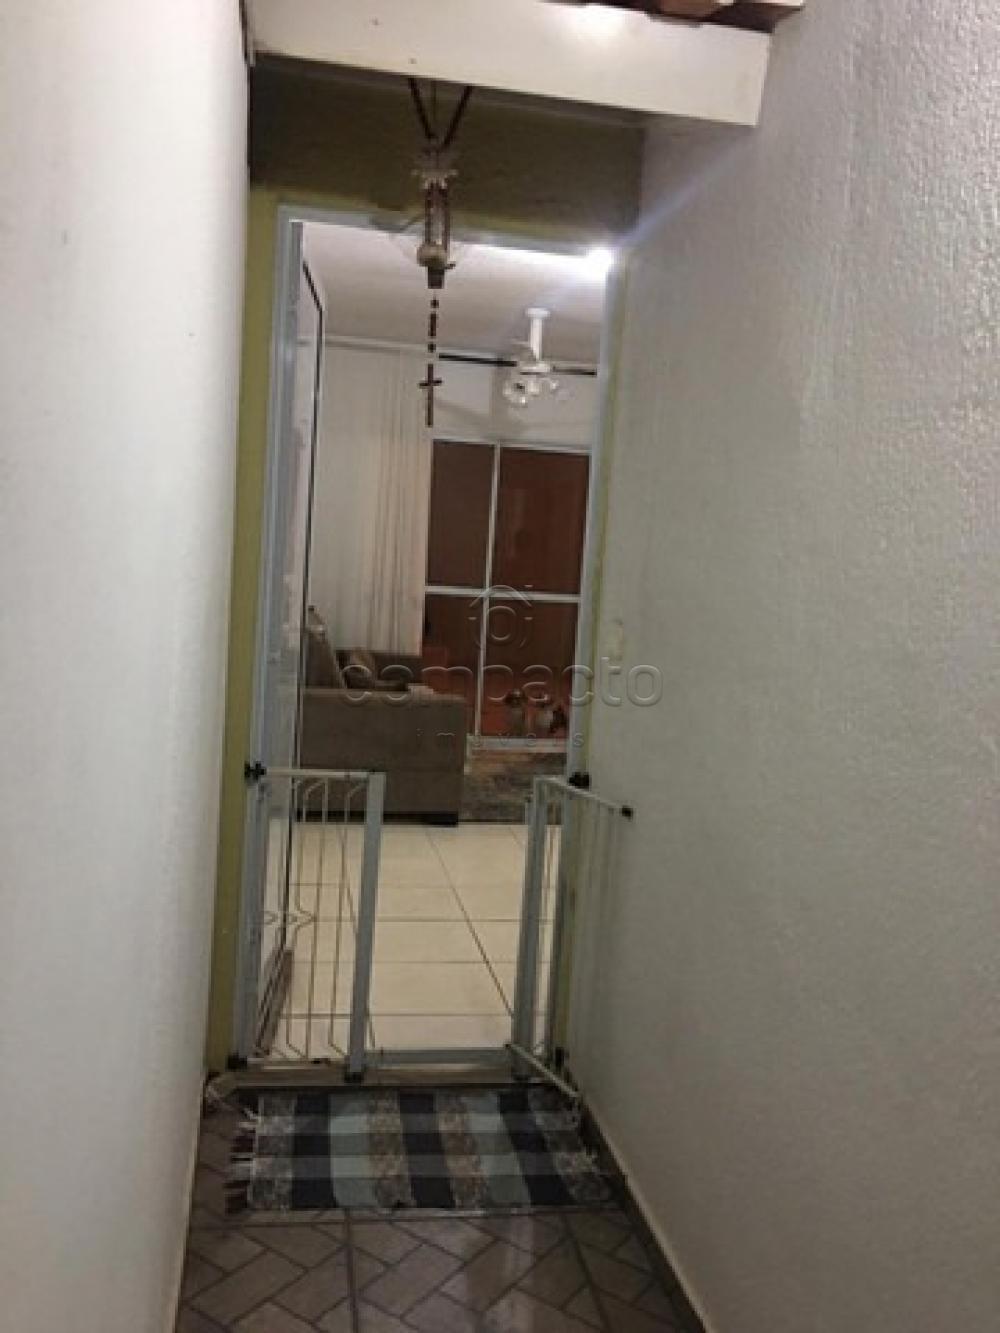 Comprar Casa / Condomínio em São José do Rio Preto apenas R$ 315.000,00 - Foto 3